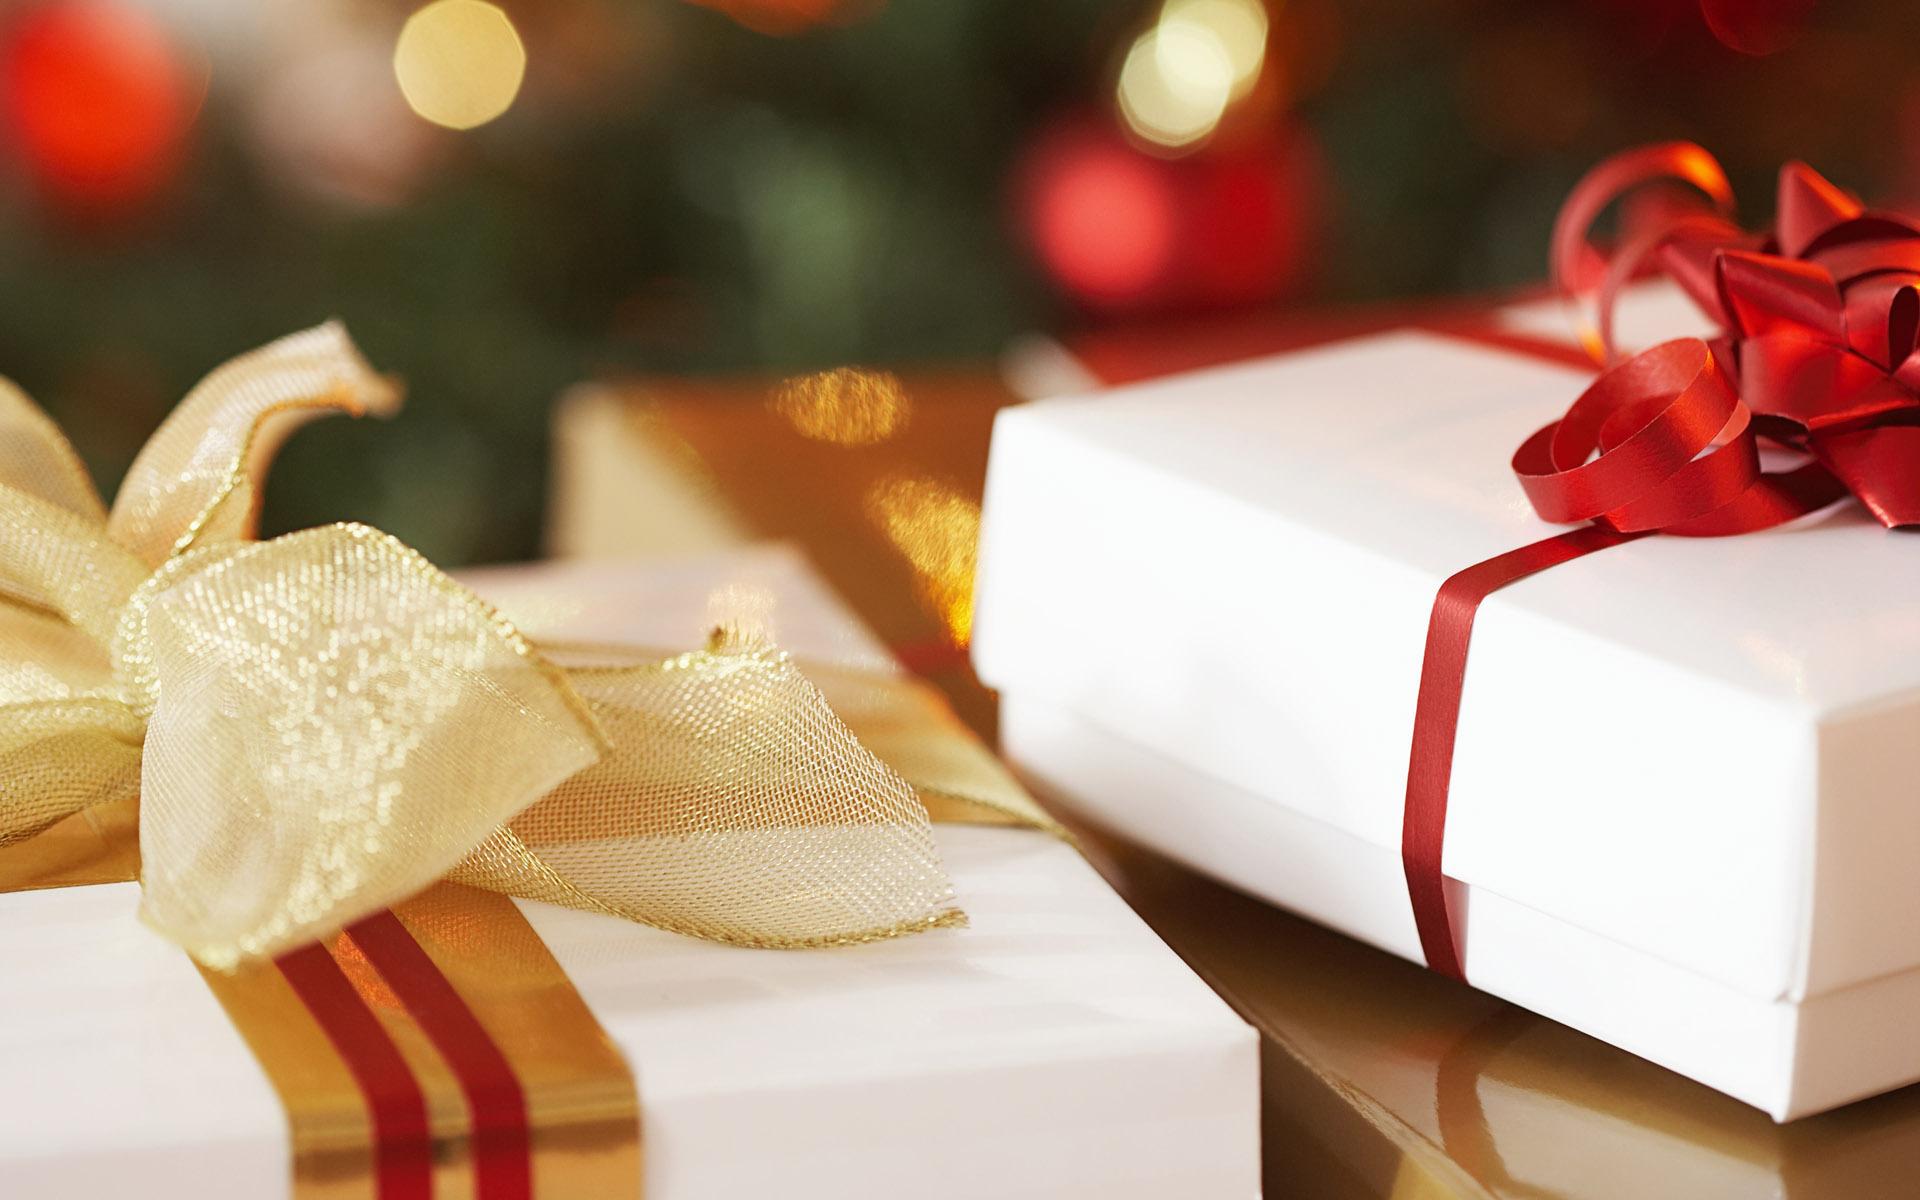 Что подарить на Новый Год? Гид по подаркам от редакции MacRadar